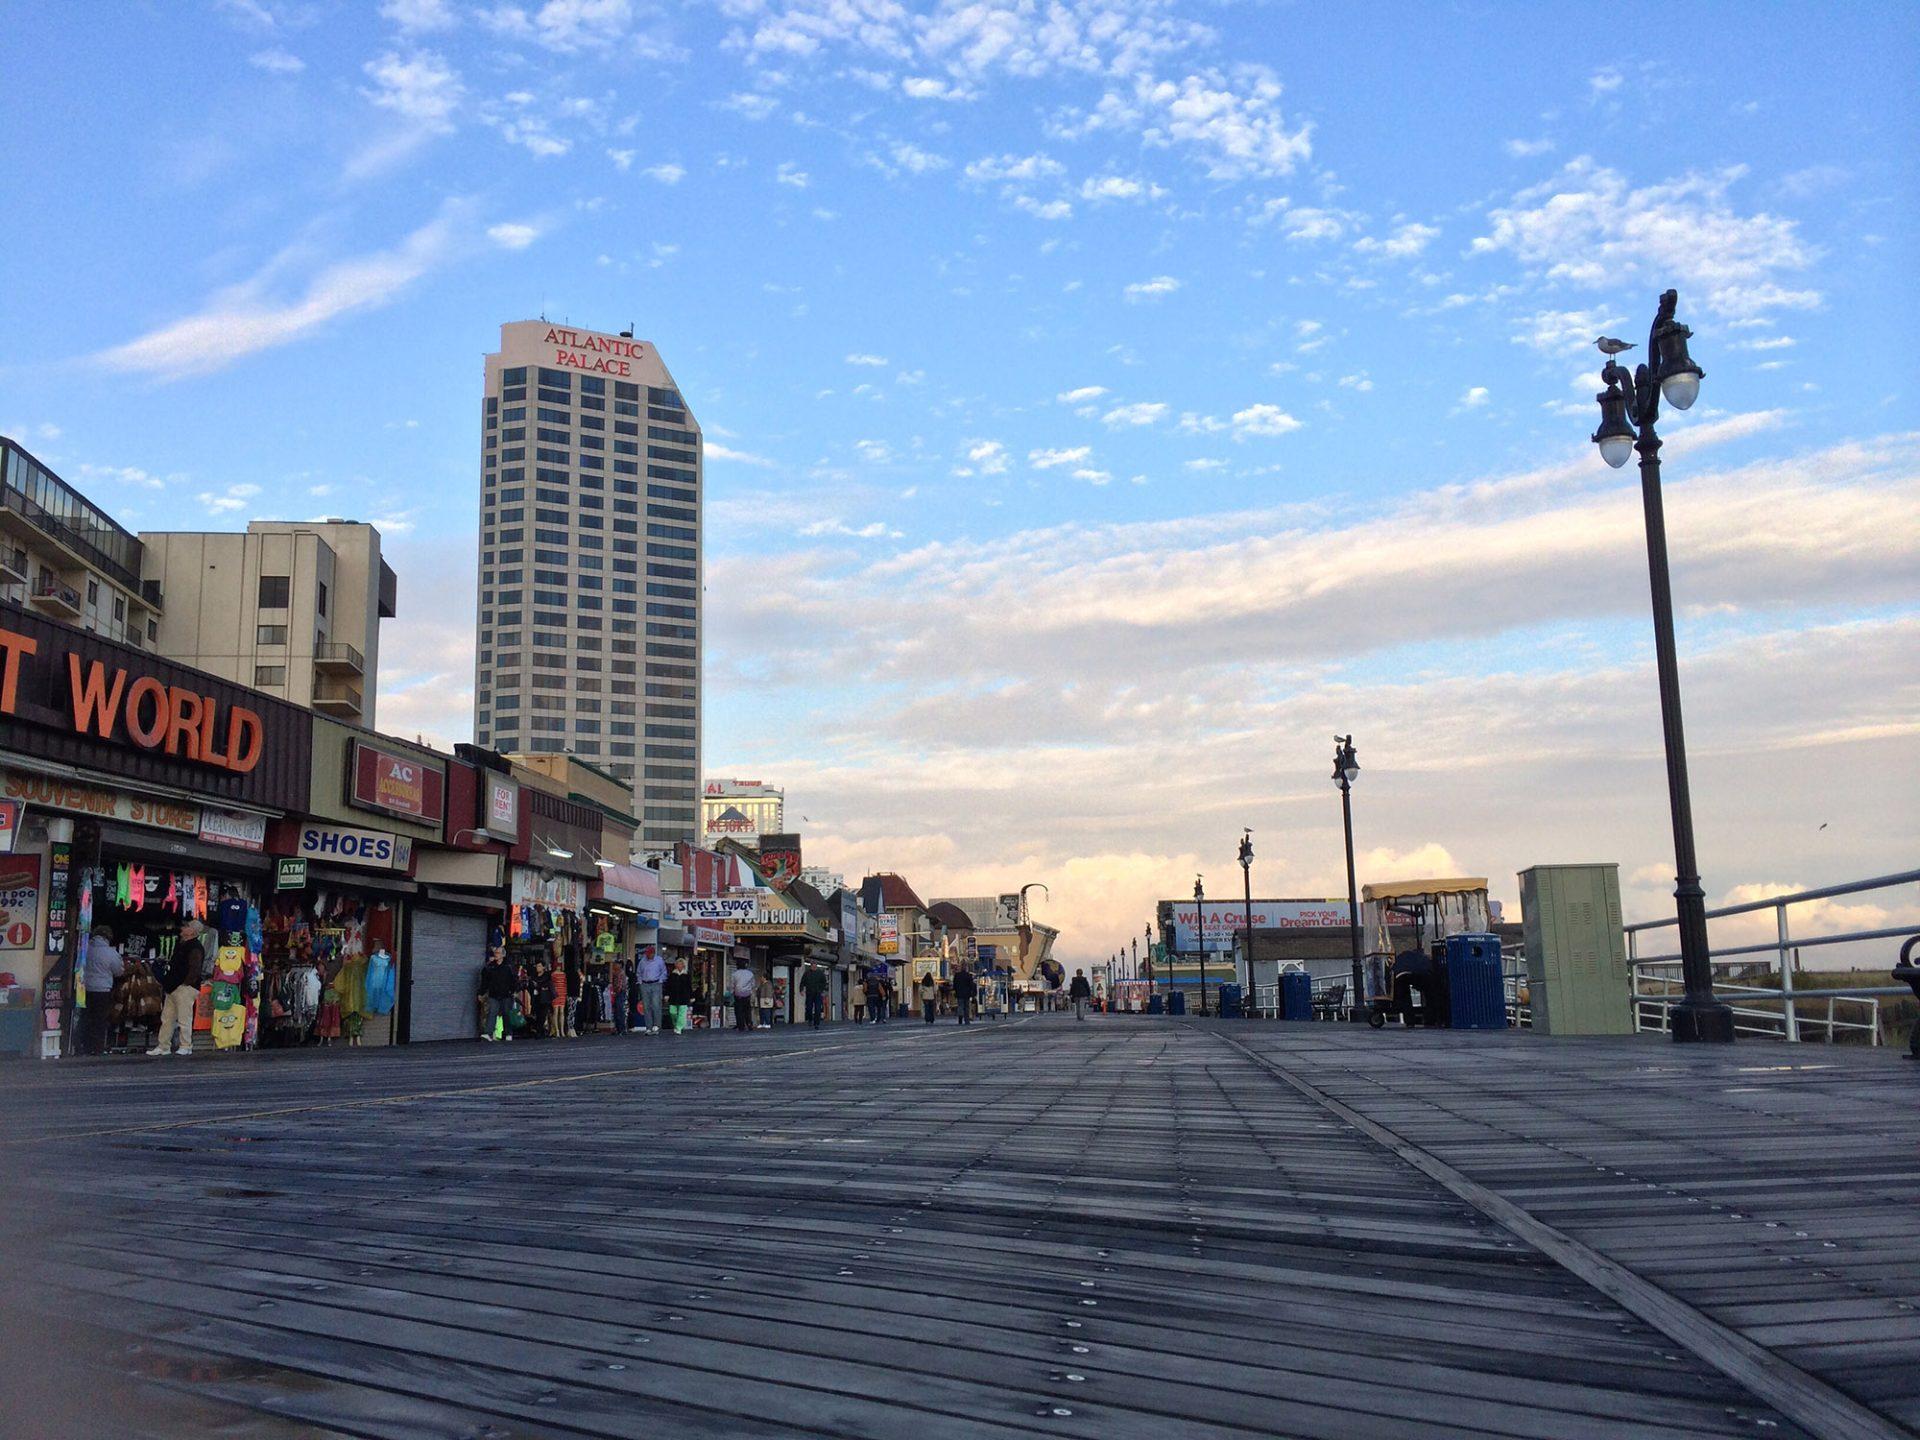 Atlantic City, New Jersey boardwalk